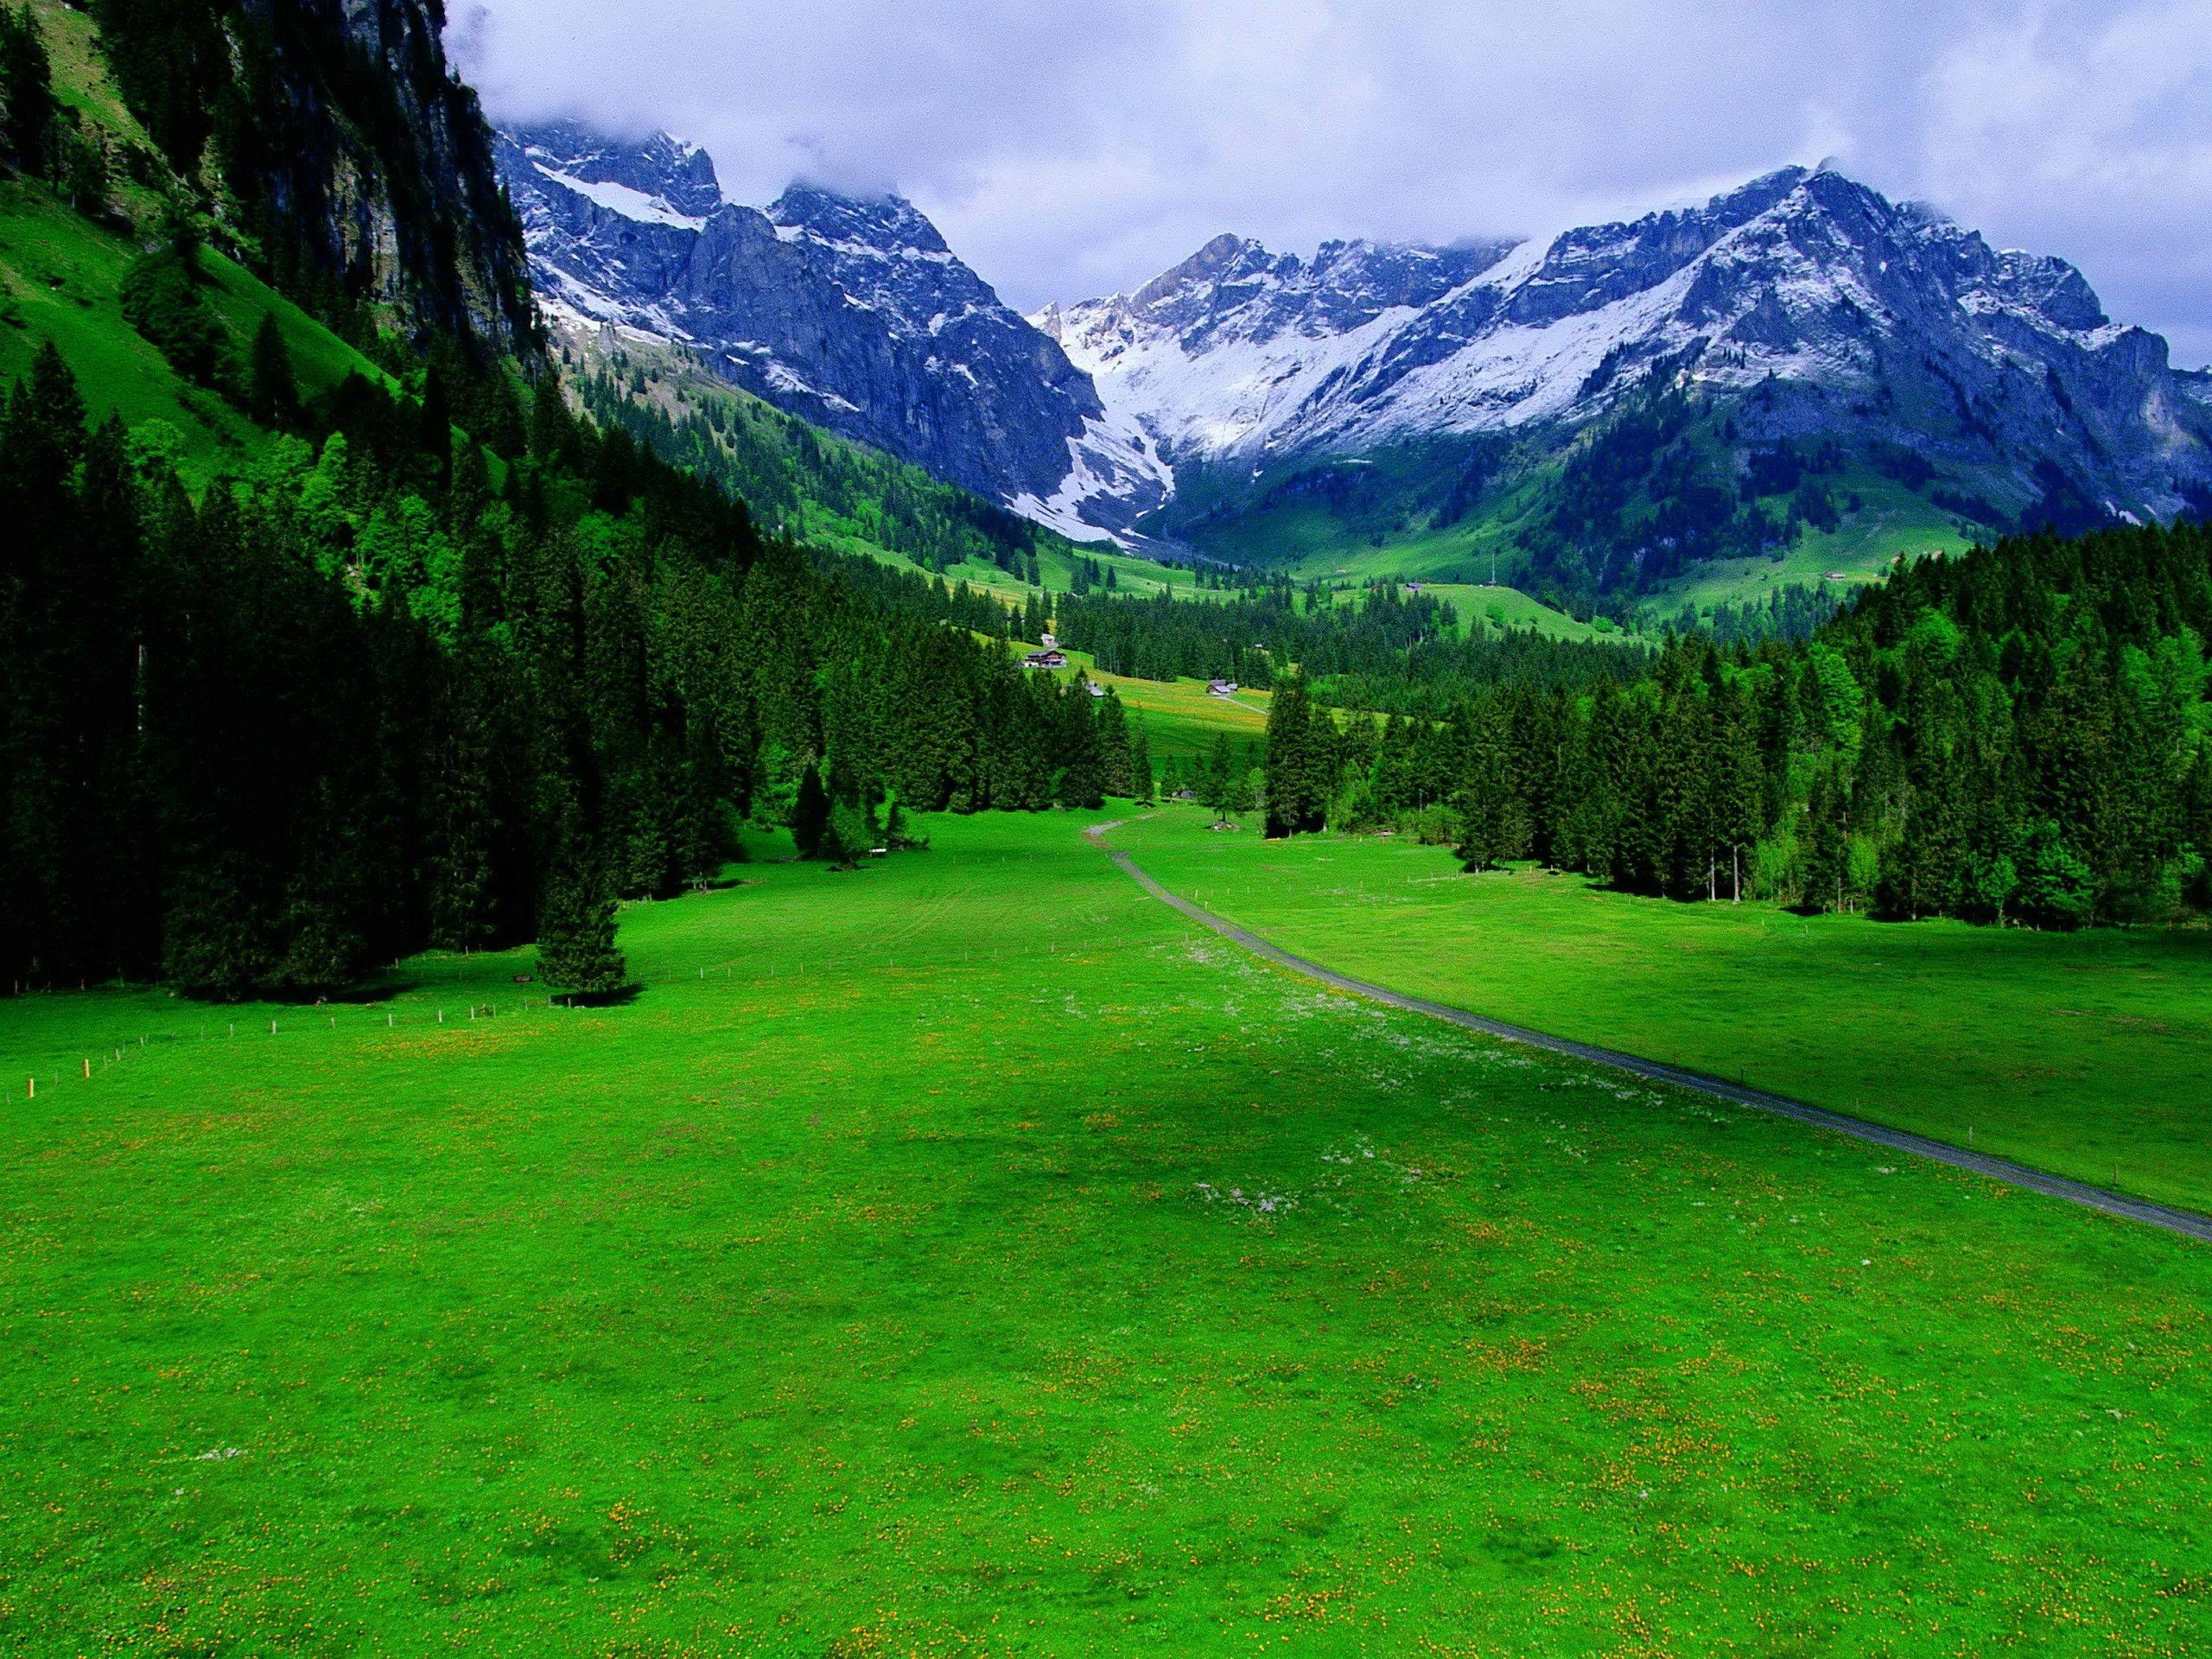 best for farm   Nostalgic Relaxation   Pinterest   Landscape ... for swiss countryside wallpaper  555kxo